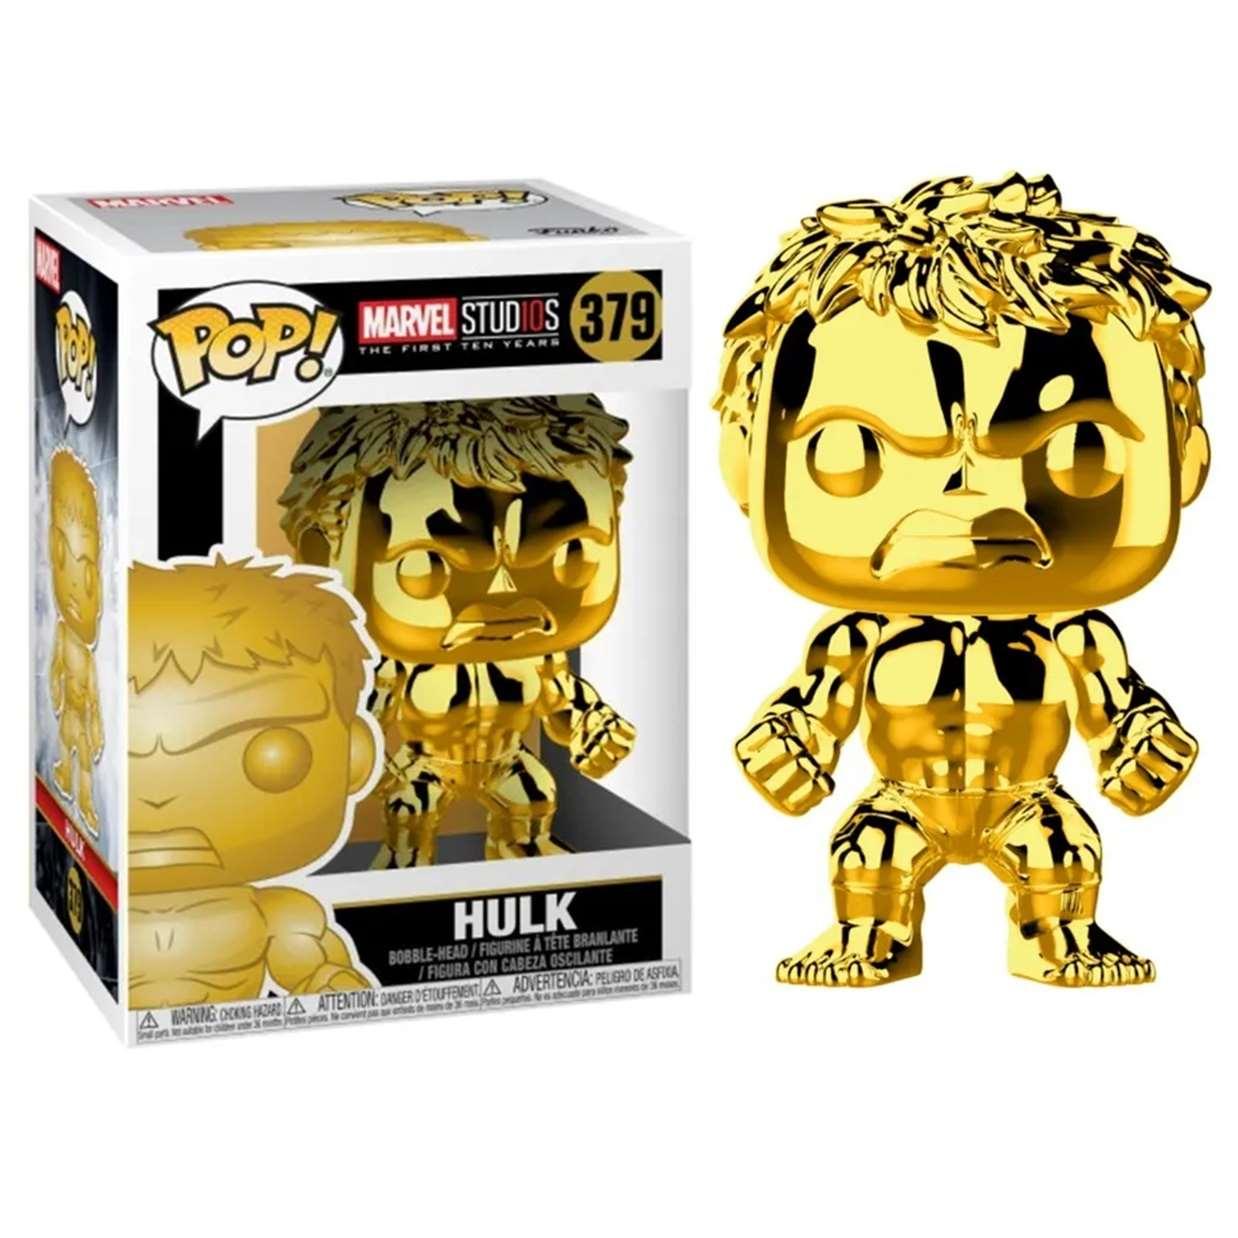 Hulk #379 Gold Chrome Funko Pop! Marvel Studio's 10th